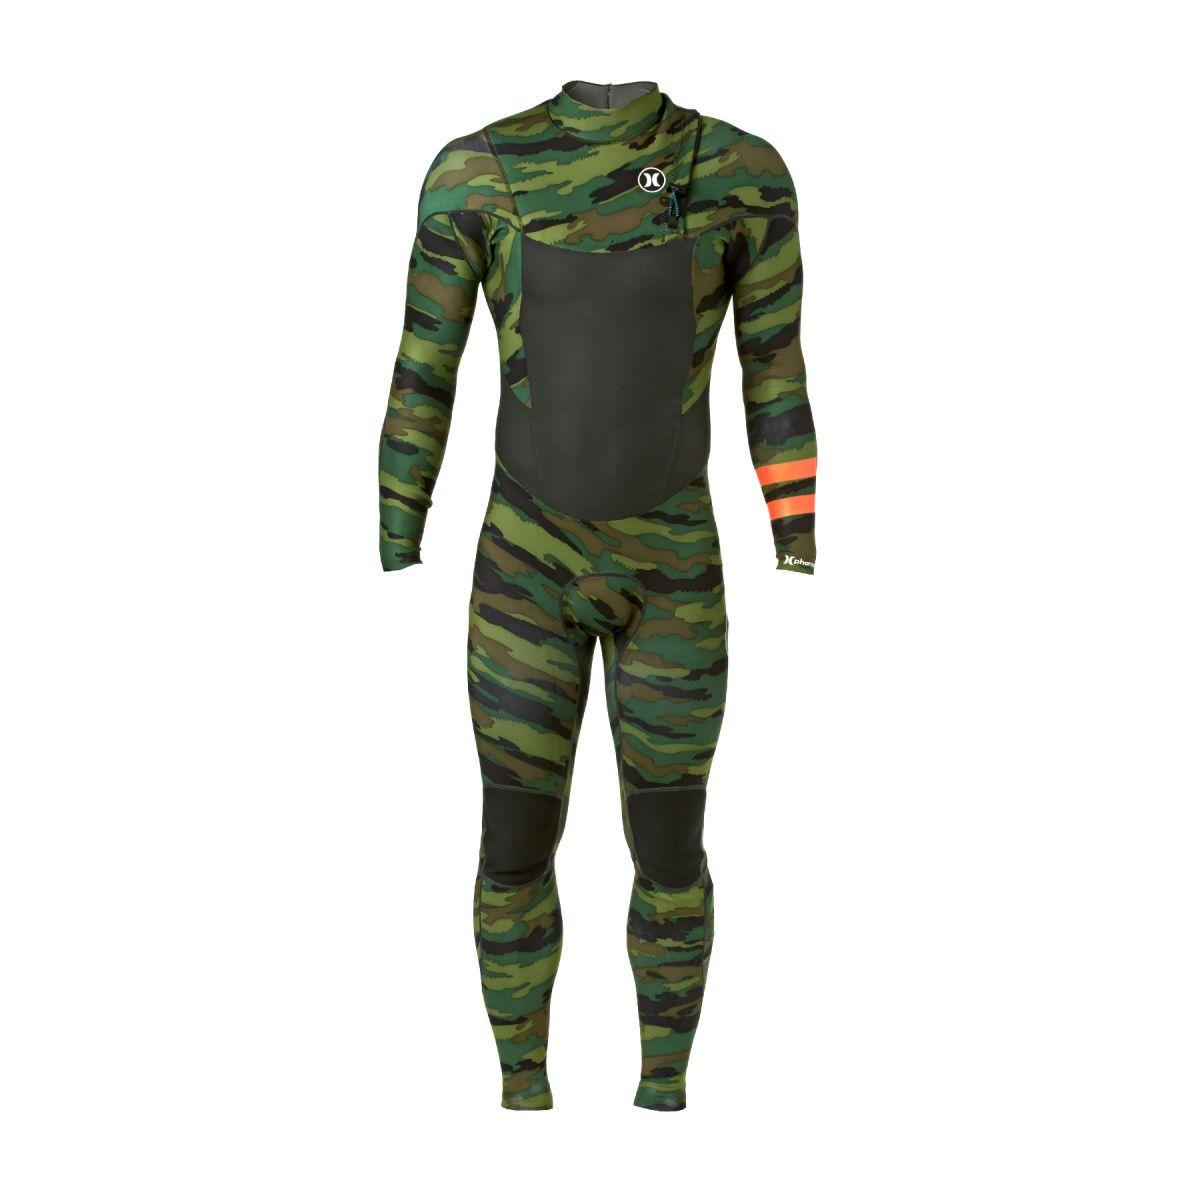 Hurley Phantom Limited 2mm Zipperless Wetsuit - Deepest Green